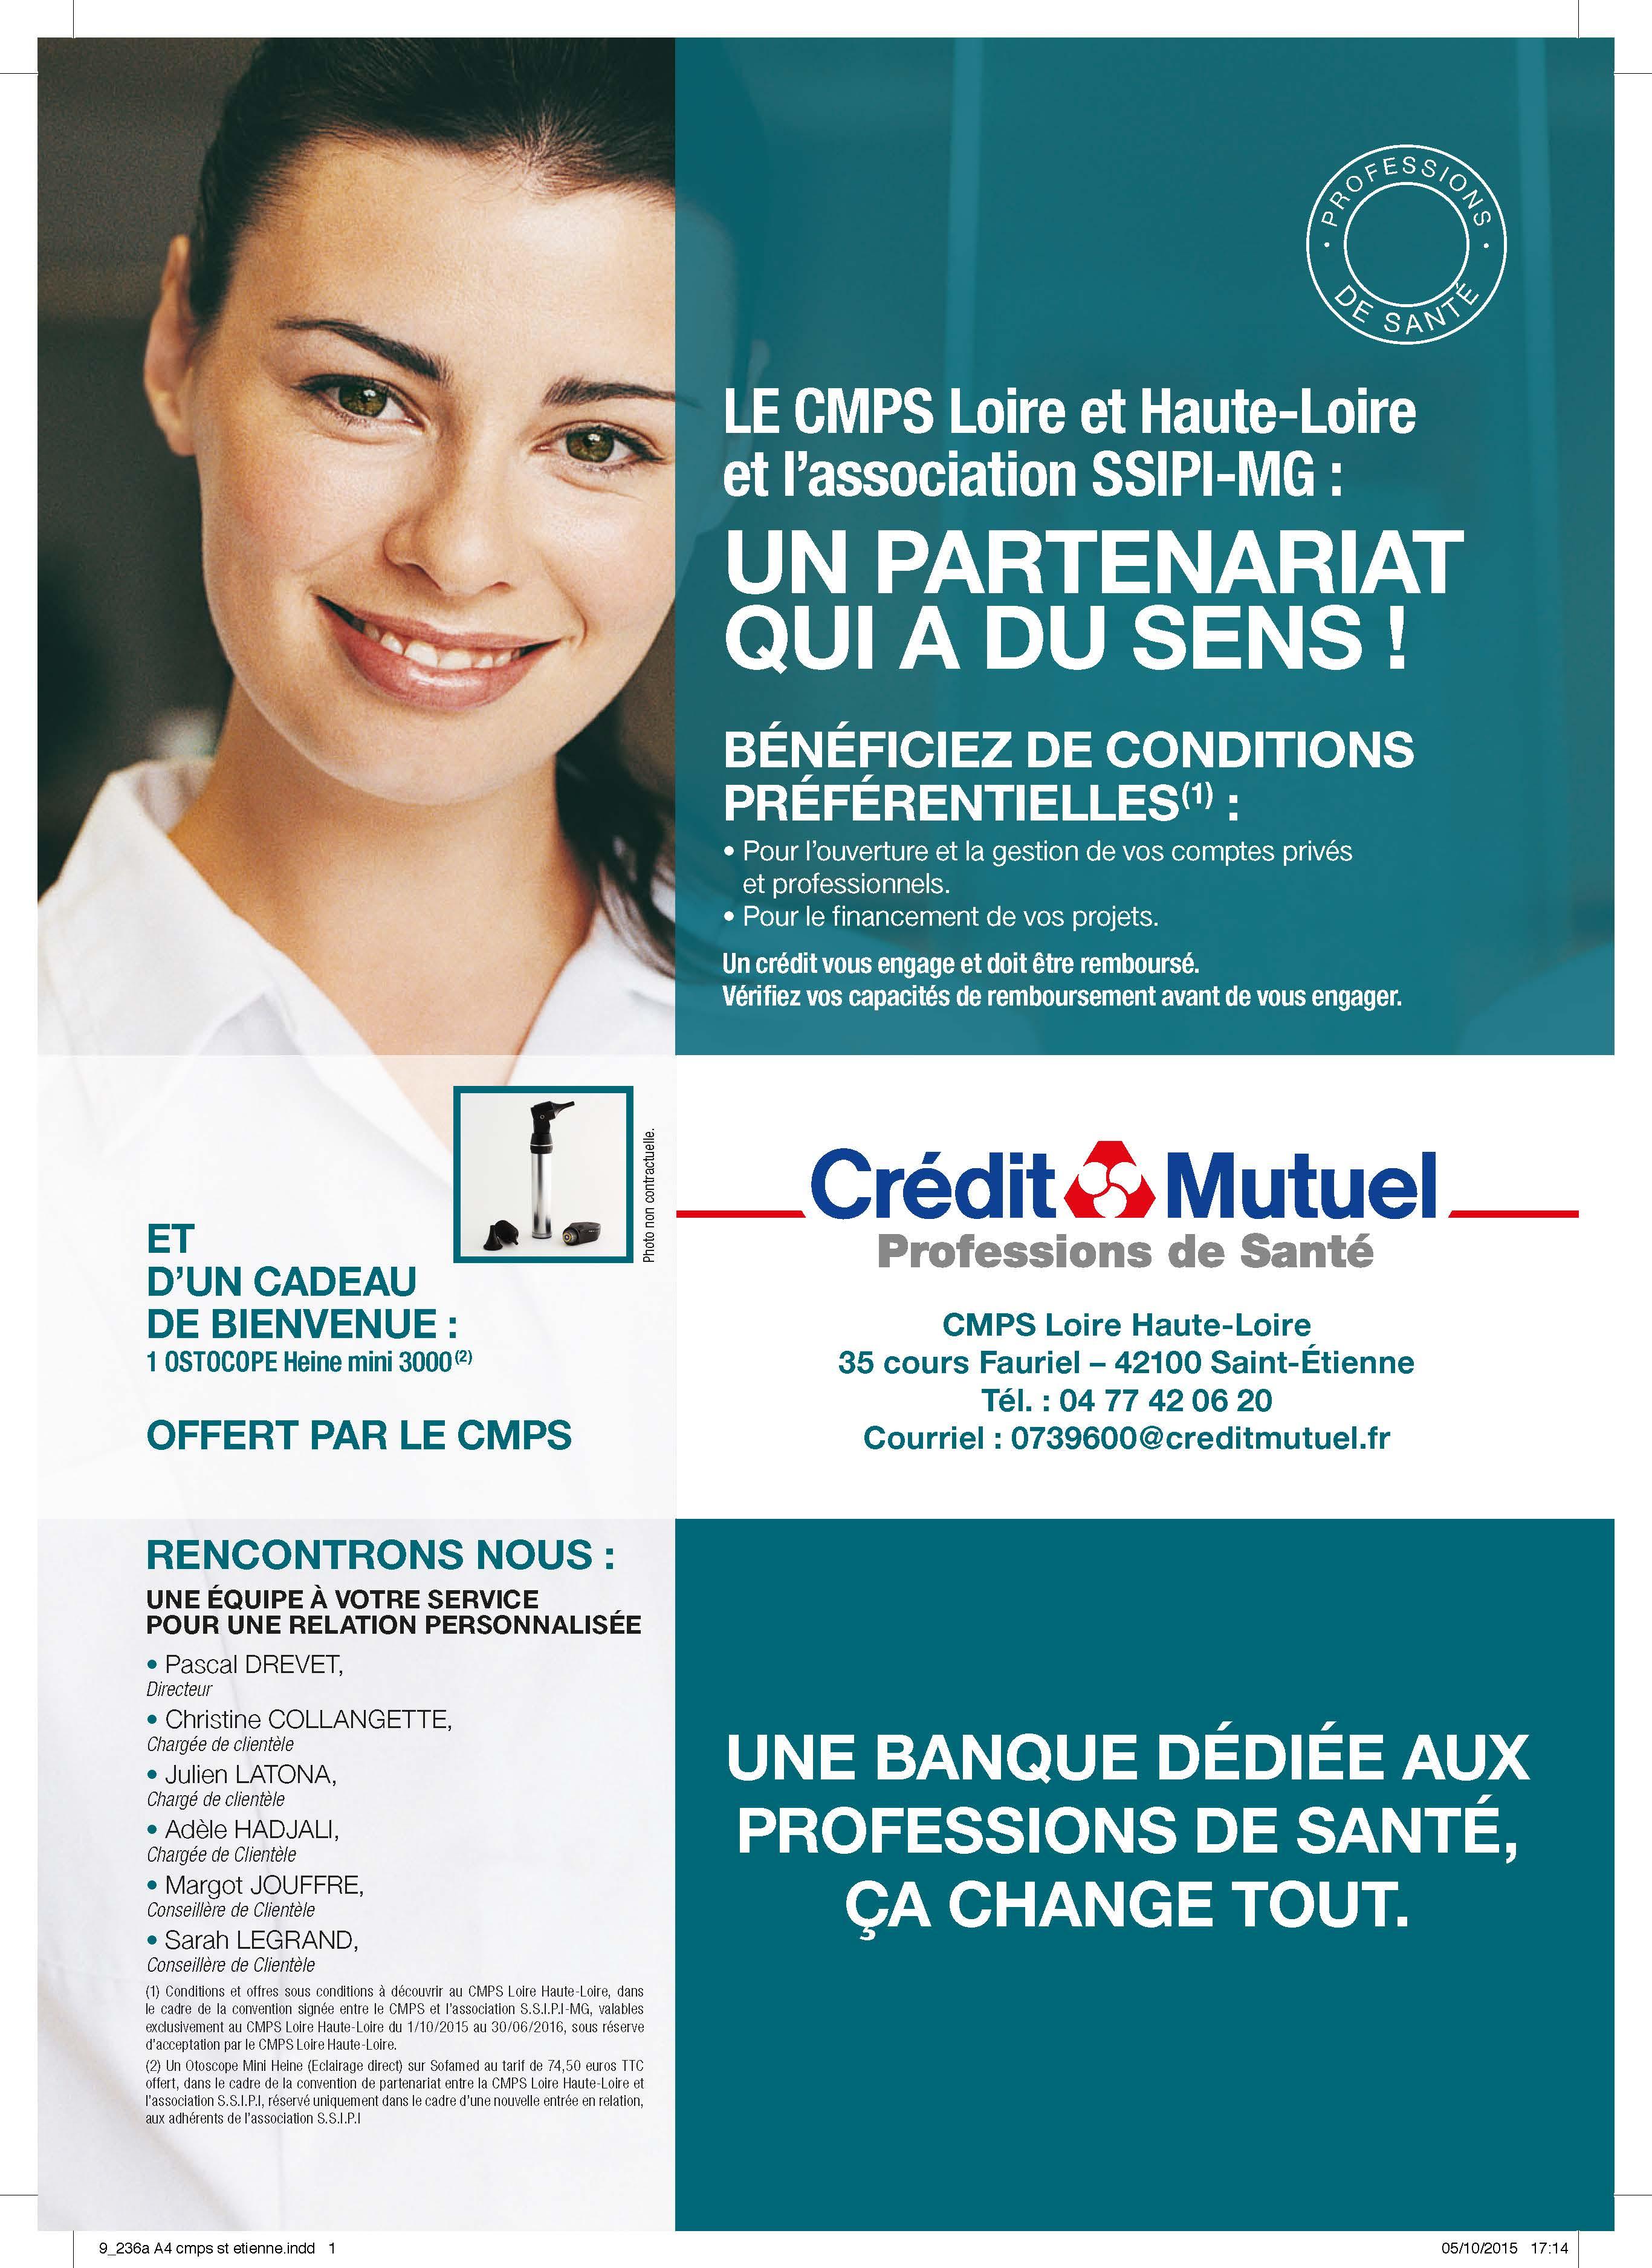 Publicité CMPS